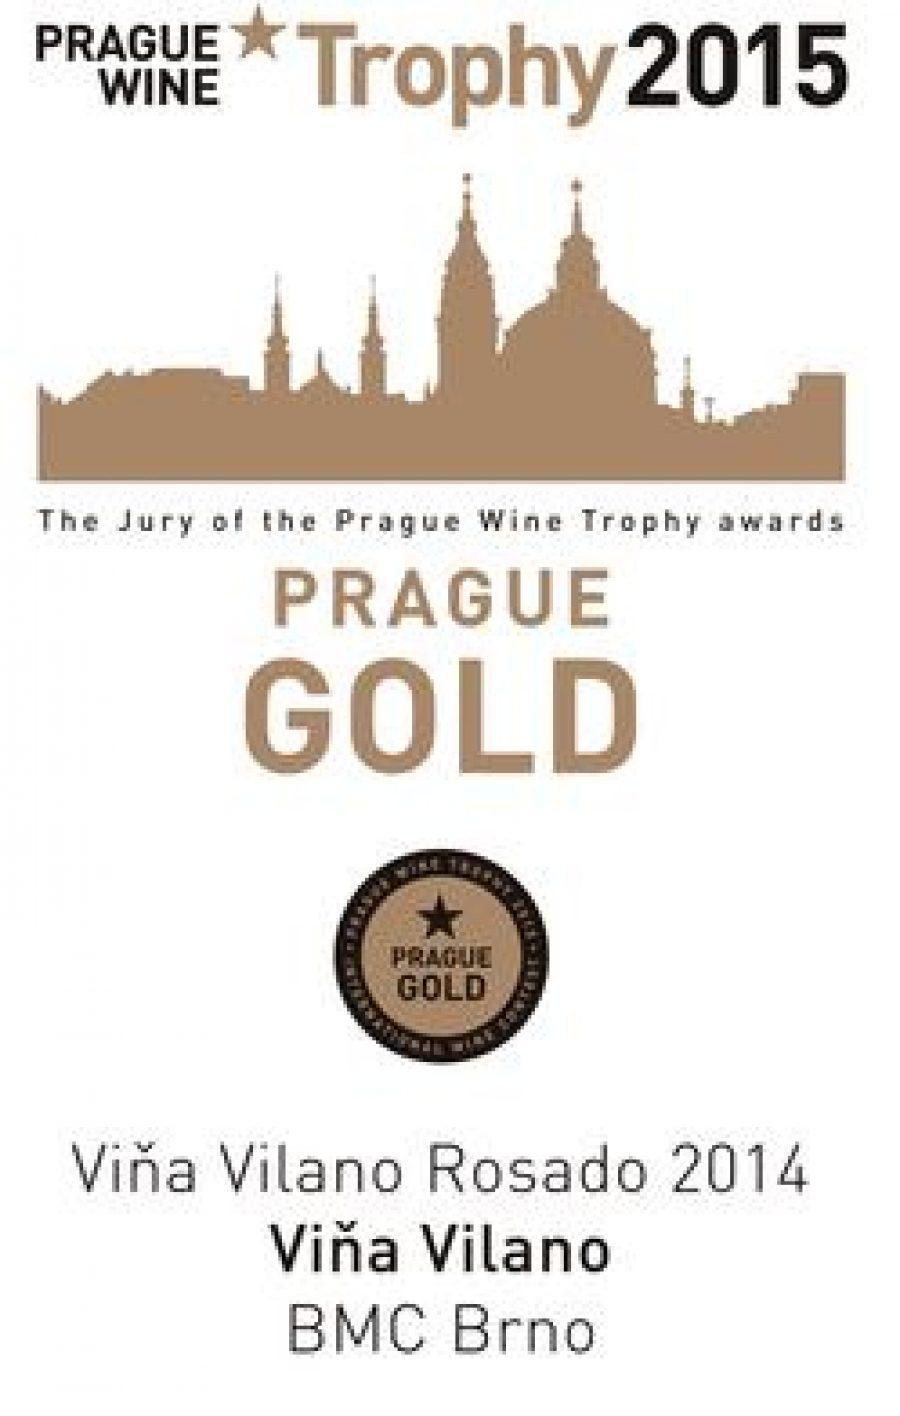 """El Rosado Viña Vilano cosecha un nuevo éxito internacional, al lograr la Medalla de Oro en el """"Prague Wine Trophy 2015"""""""